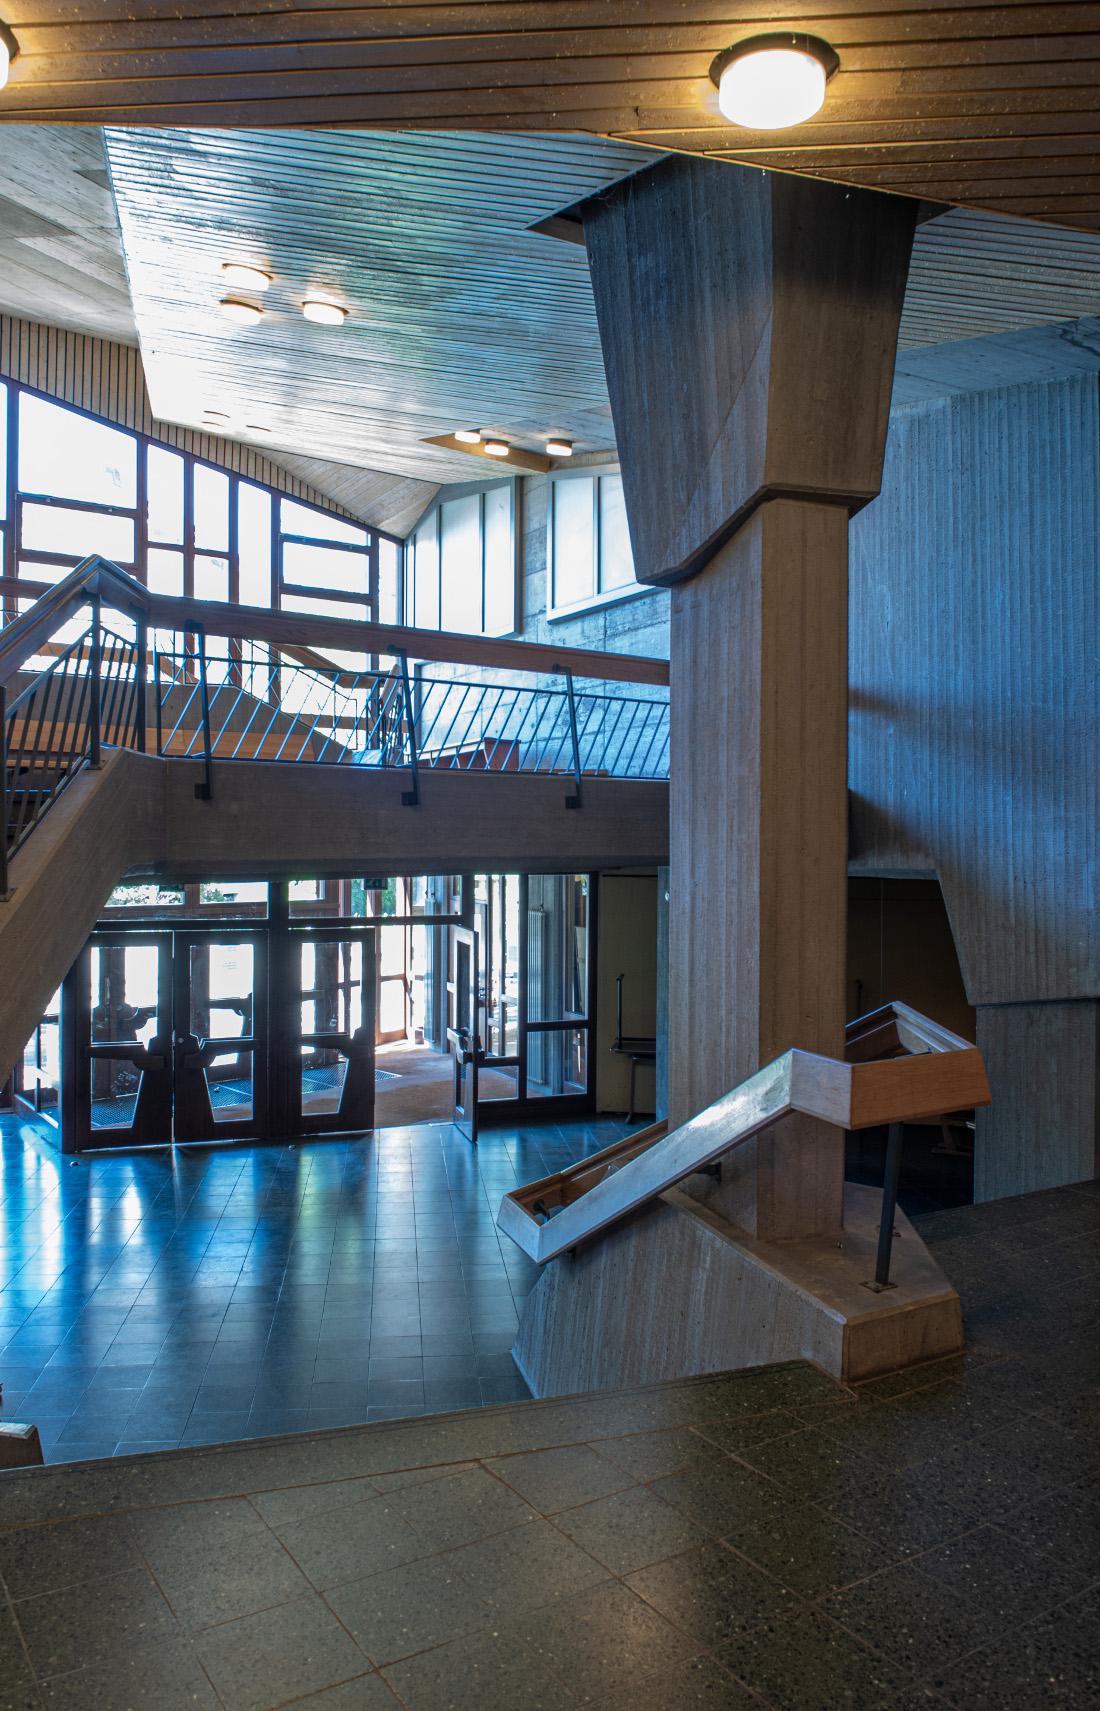 Stuttgart, Freie Waldorfschule Uhlandshöhe, Saalbau, 1975–1977 (BPR), Ansicht der Nord-Fassade (Foto: © Steffen Fuchs, Institut für Europäische Kunstgeschichte, Universität Heidelberg, 2020)